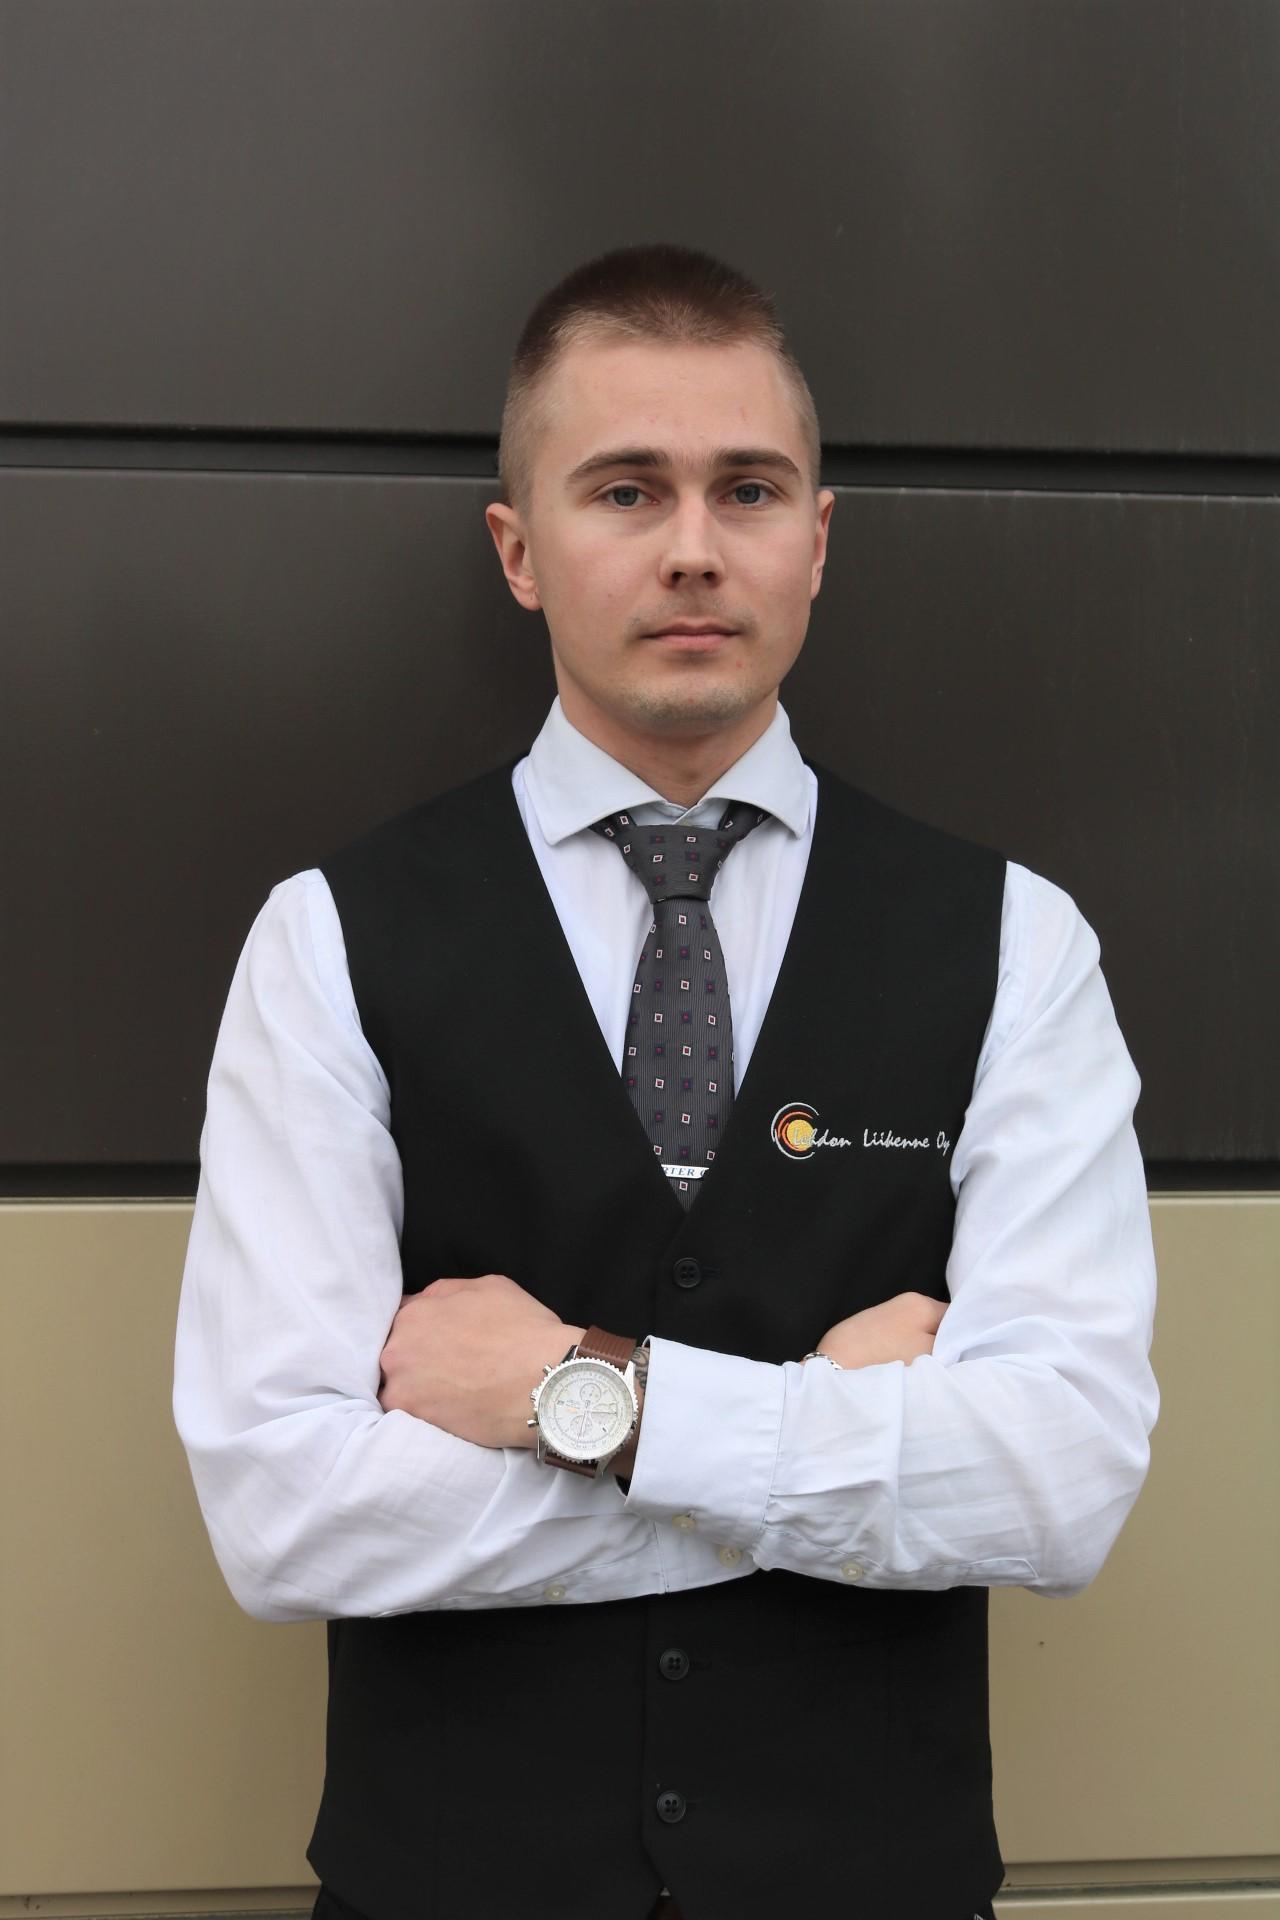 Lehdon Liikenne - Henkilöstö - Toimisto - Markus Tauru